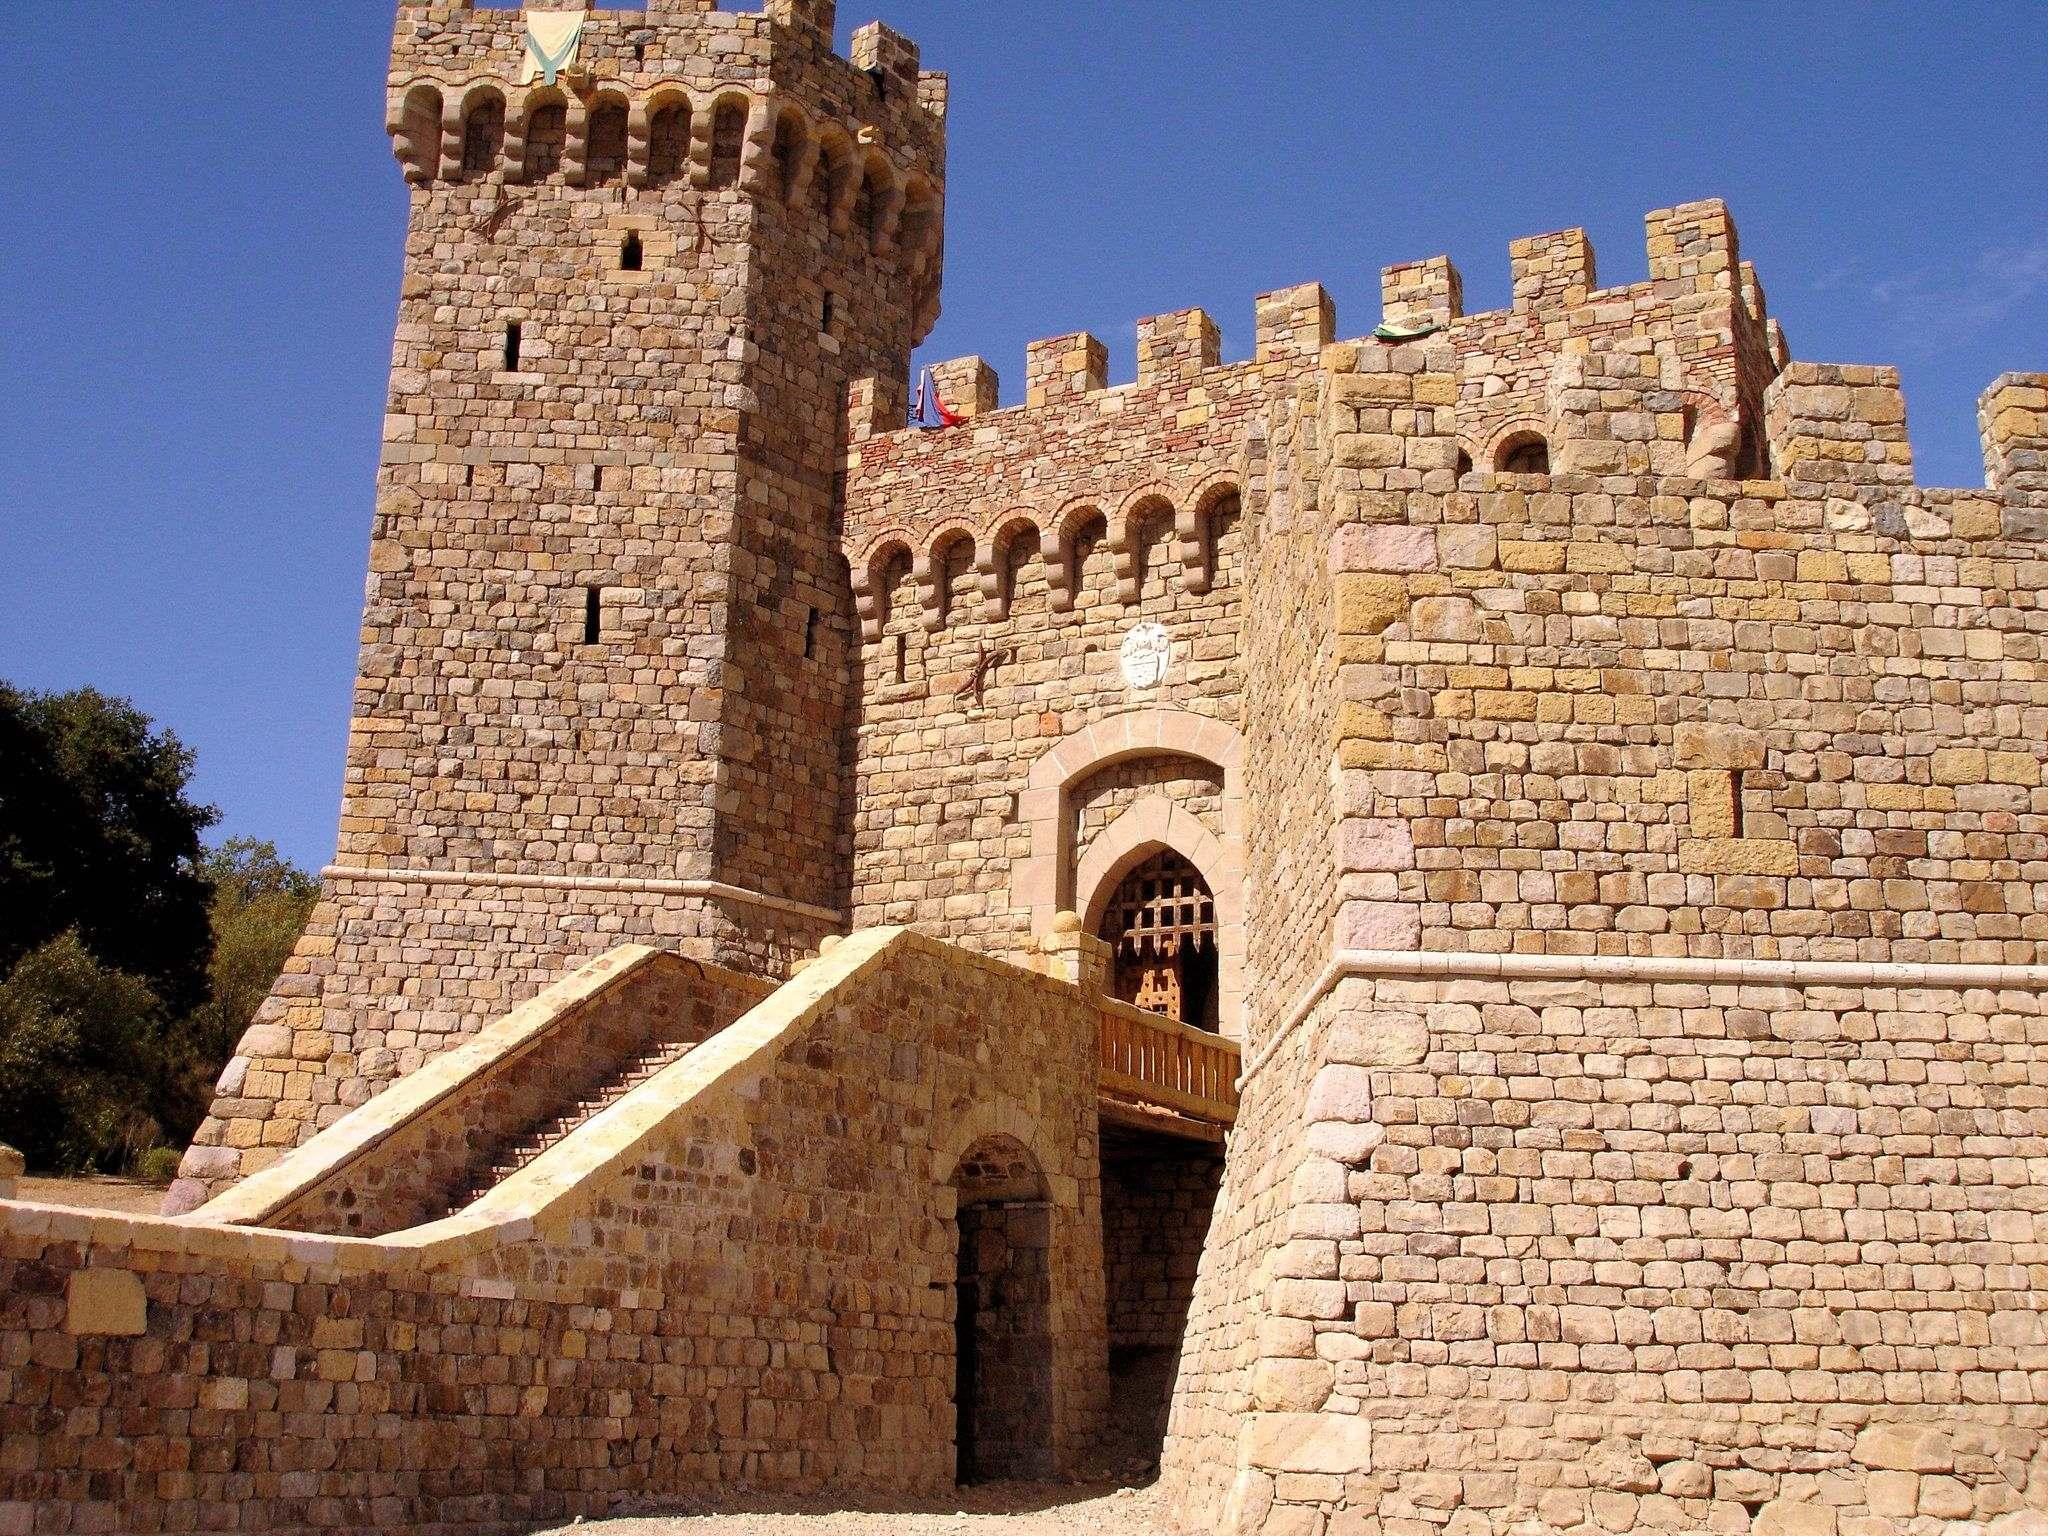 castello di amorosa1 Castello di Amorosa Winery in Napa Valley, California